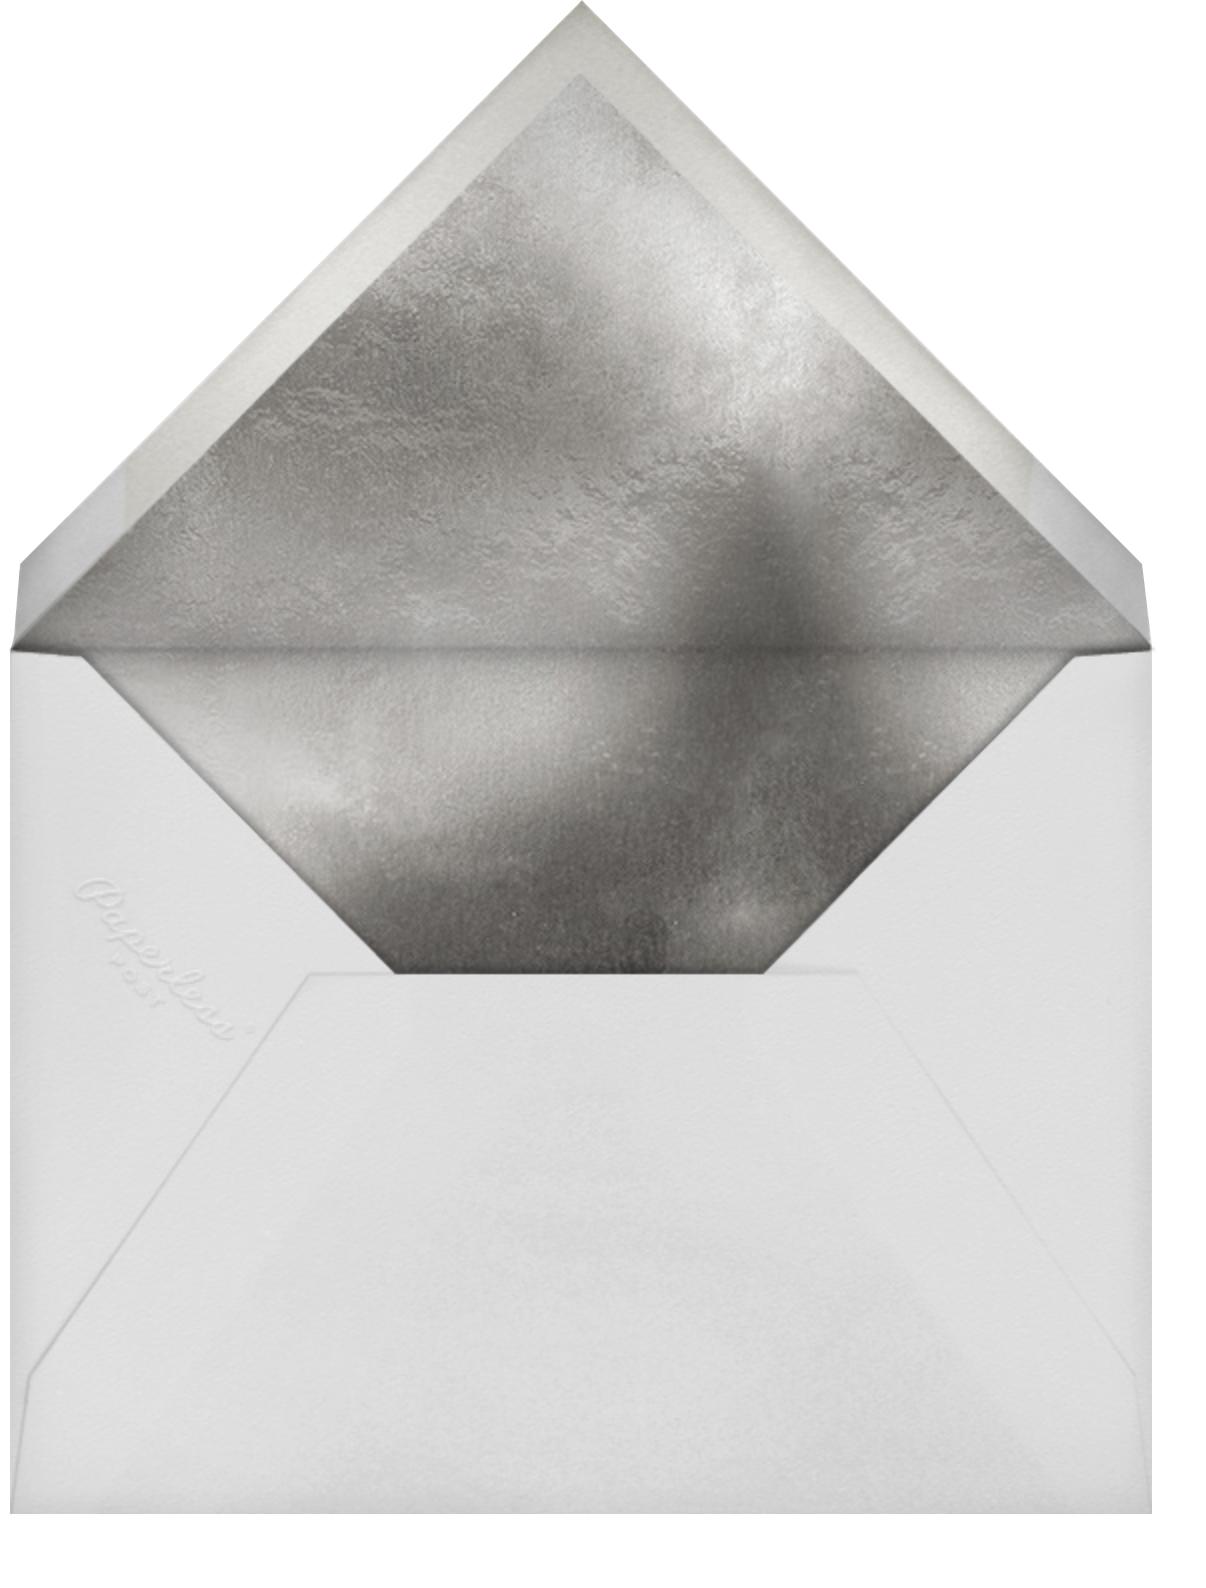 Fillet - Santa Fe - Paperless Post - Professional events - envelope back